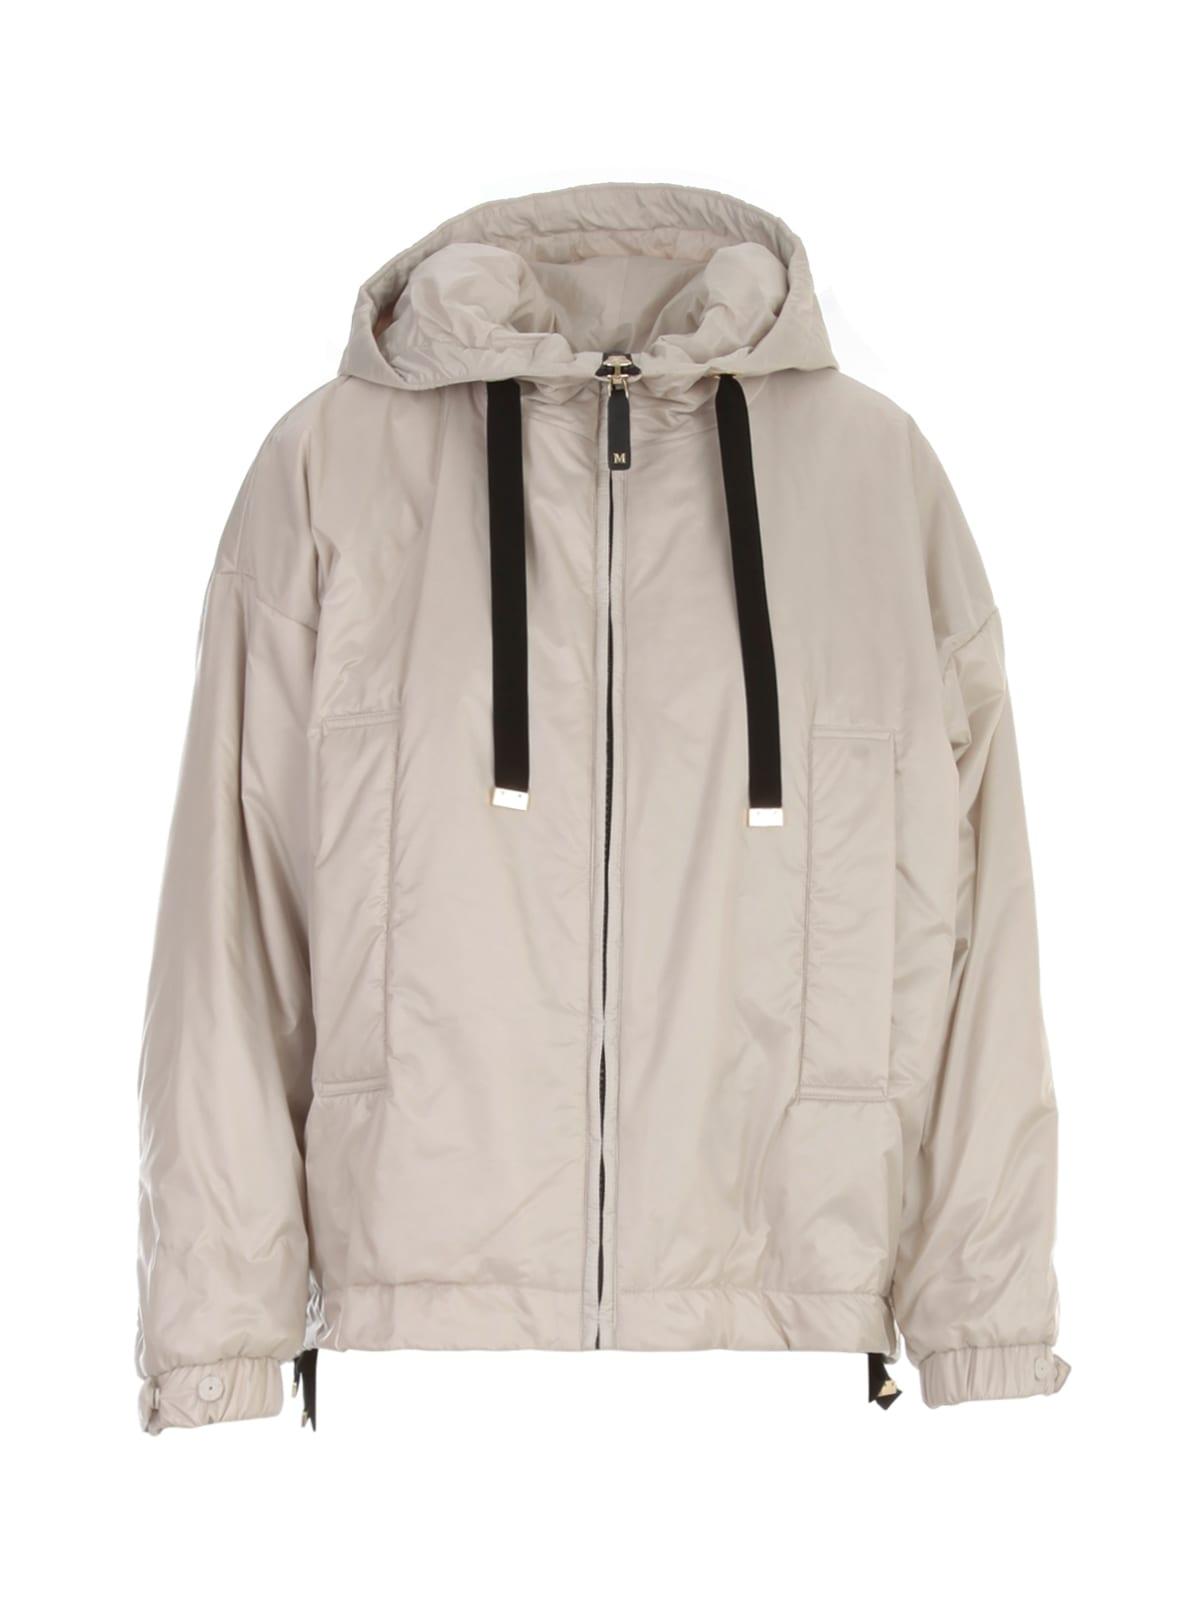 Greena Padded Jacket